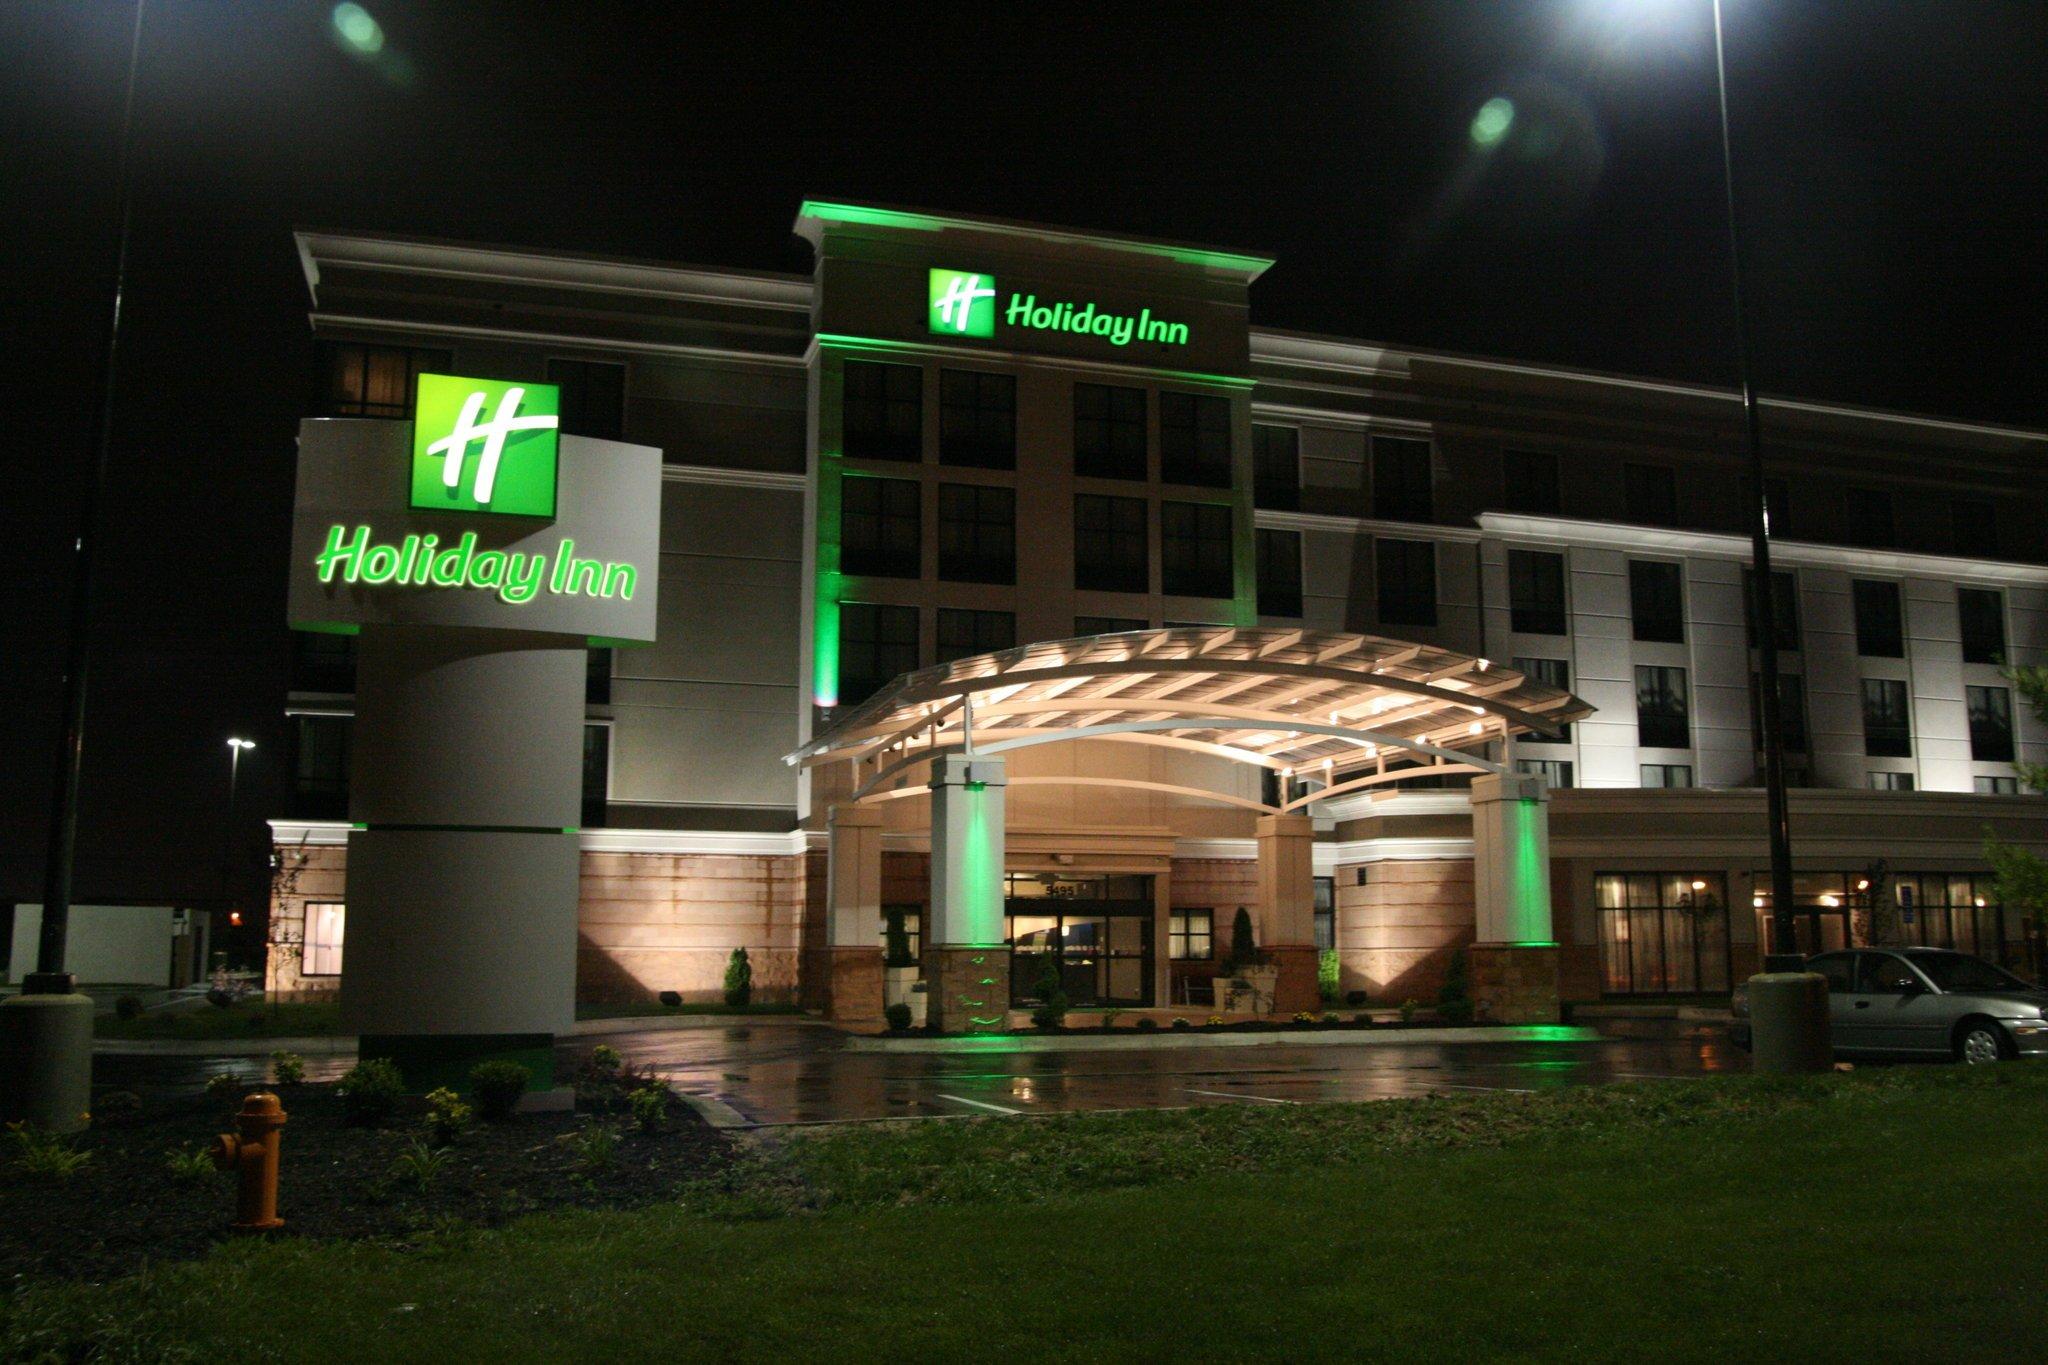 ホリデー イン コロンバス ヒリアード ホテル